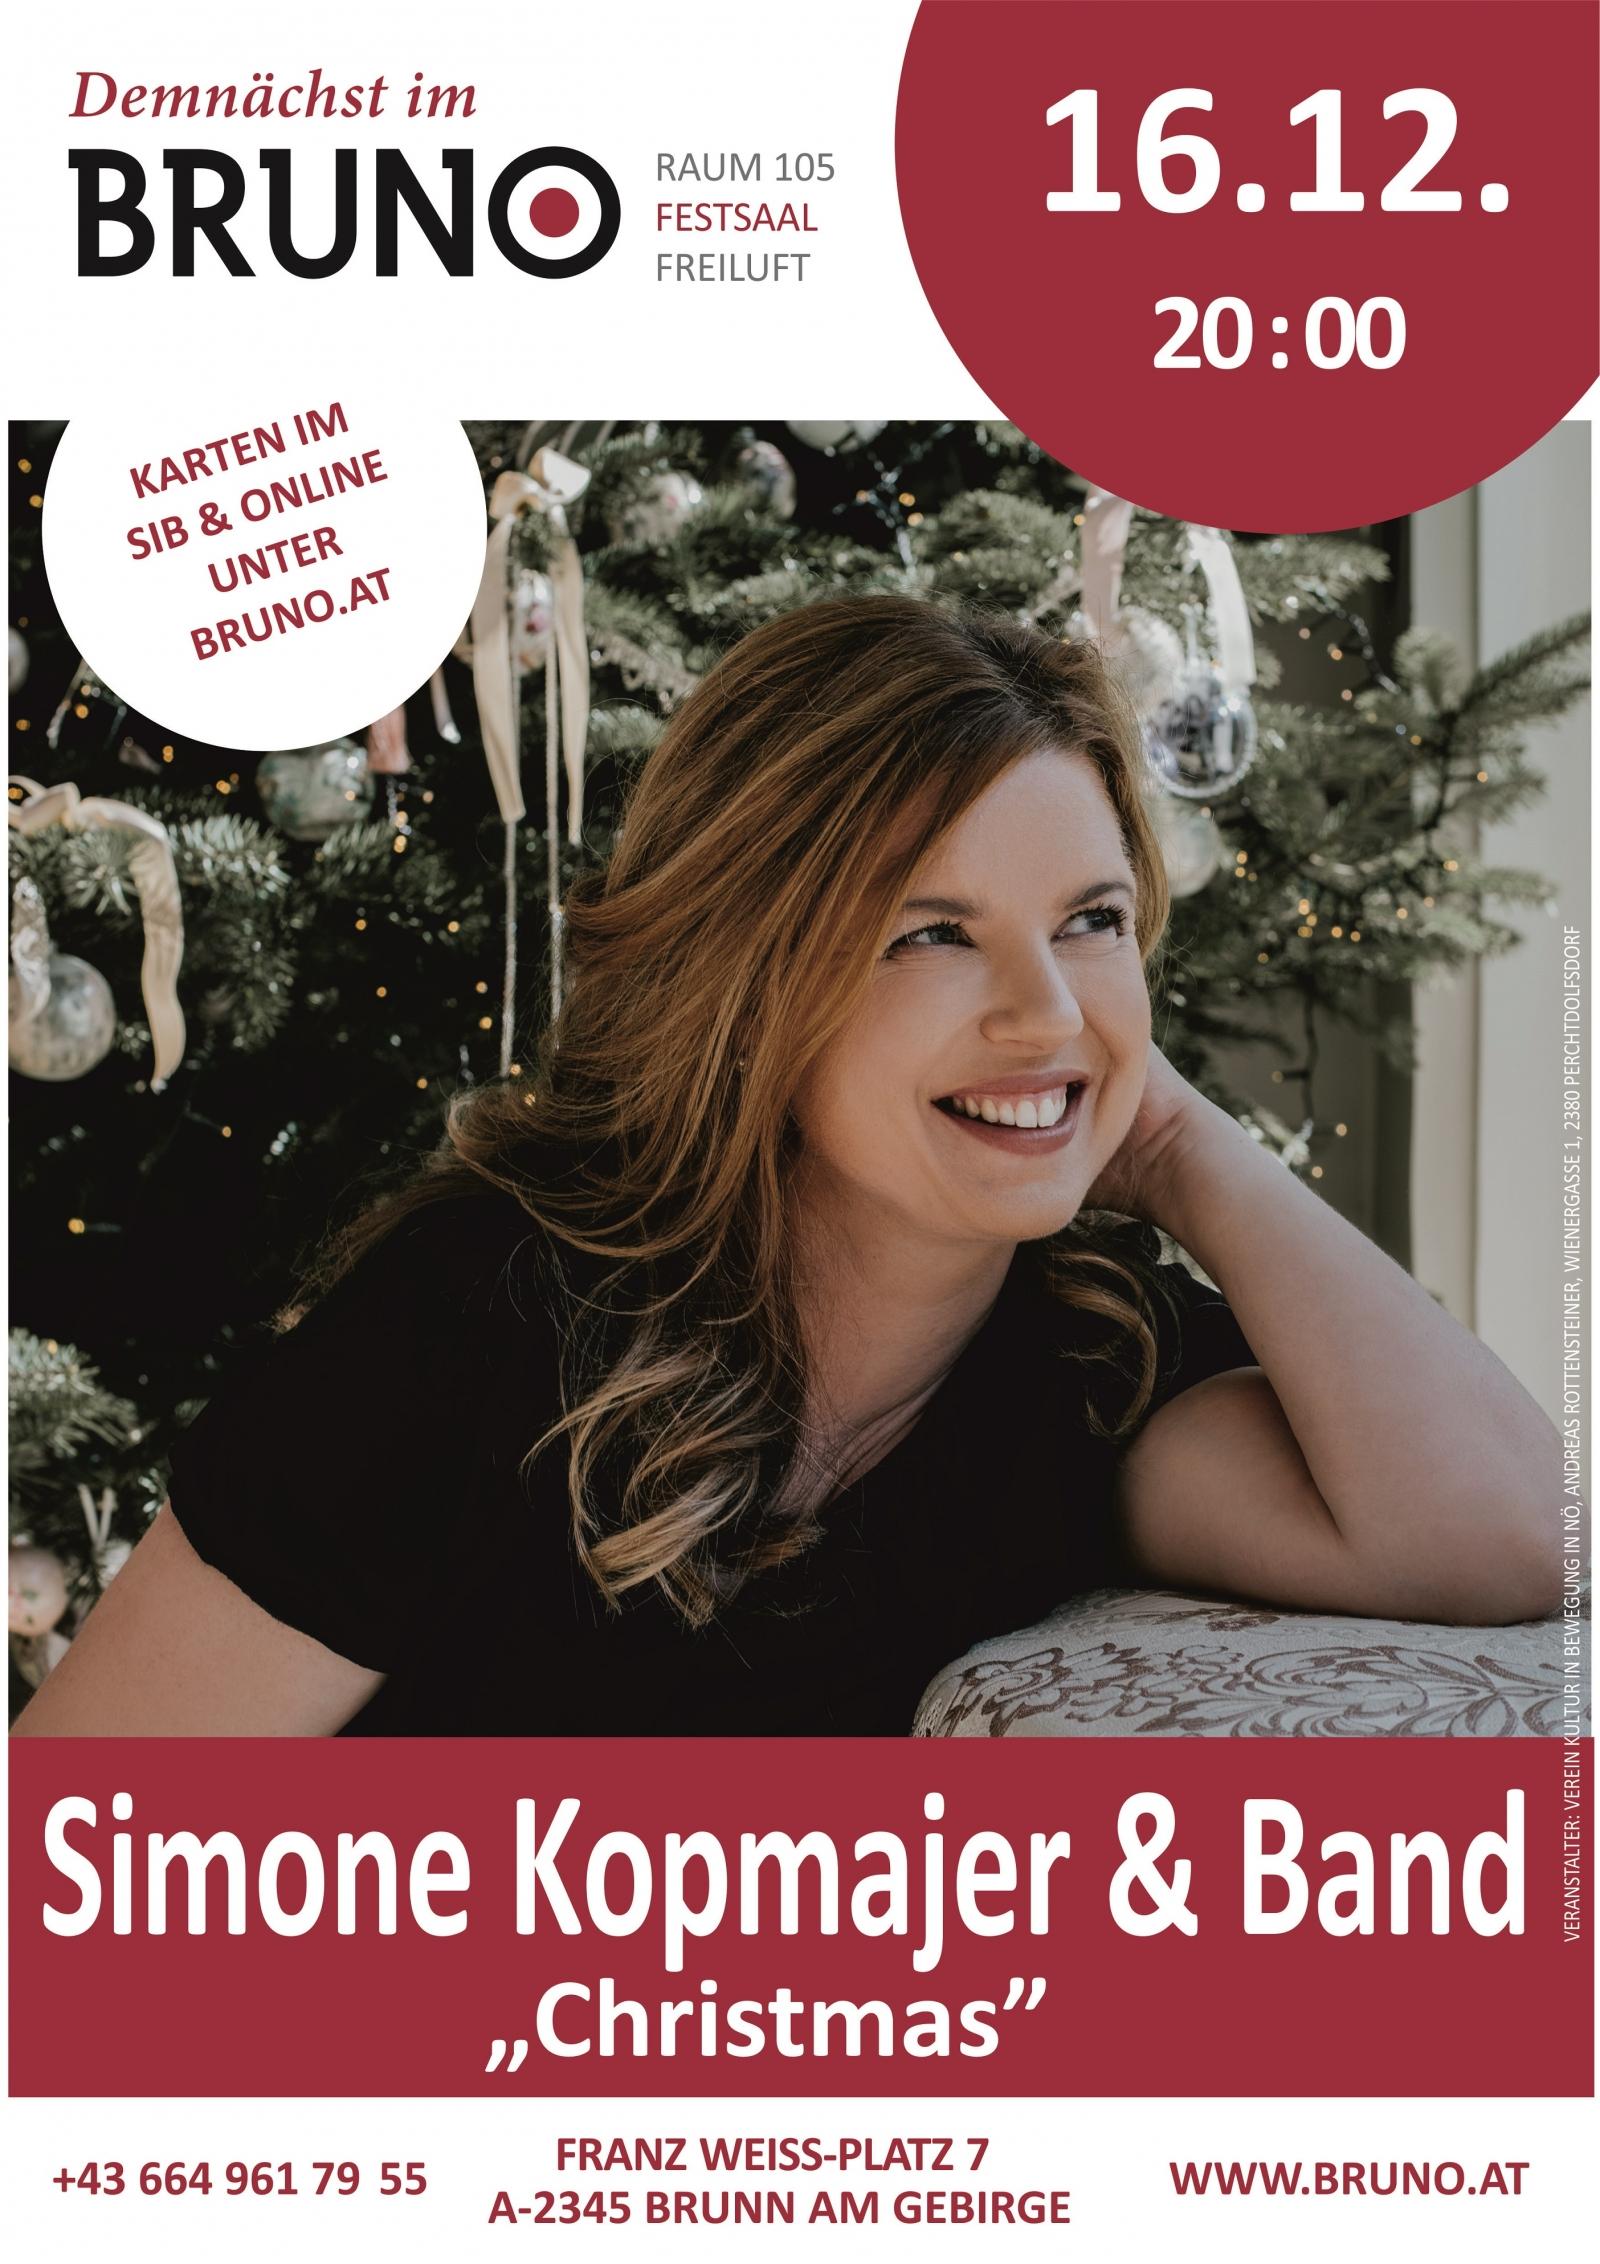 Simone Kopmajer & Band Christmas